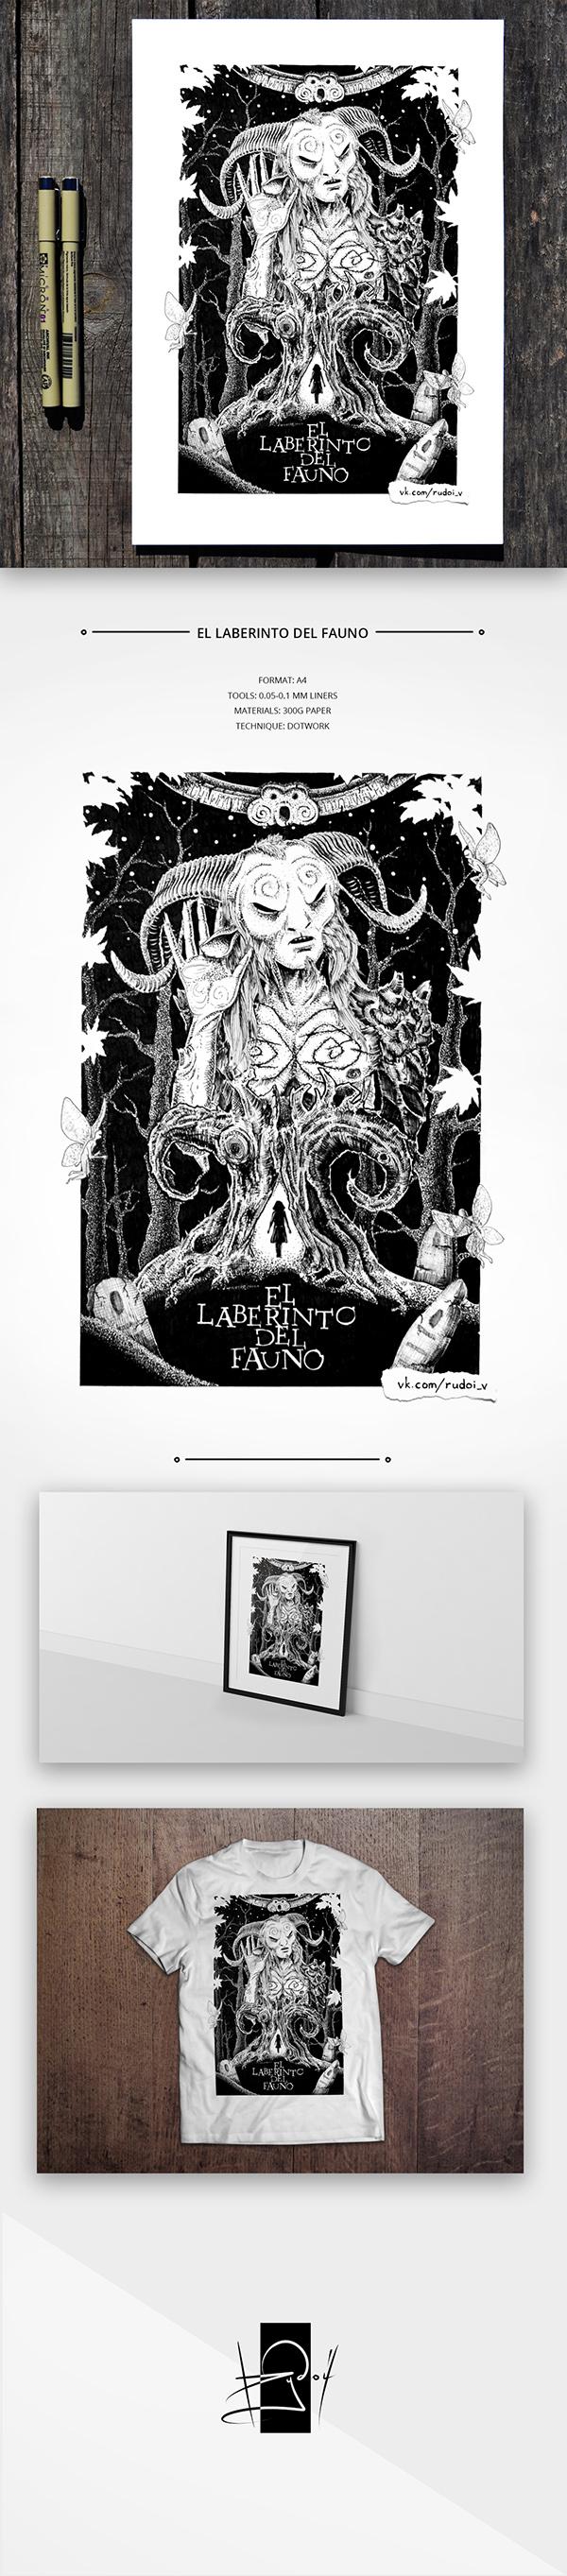 El laberinto del fauno by Vladimir Rudoi